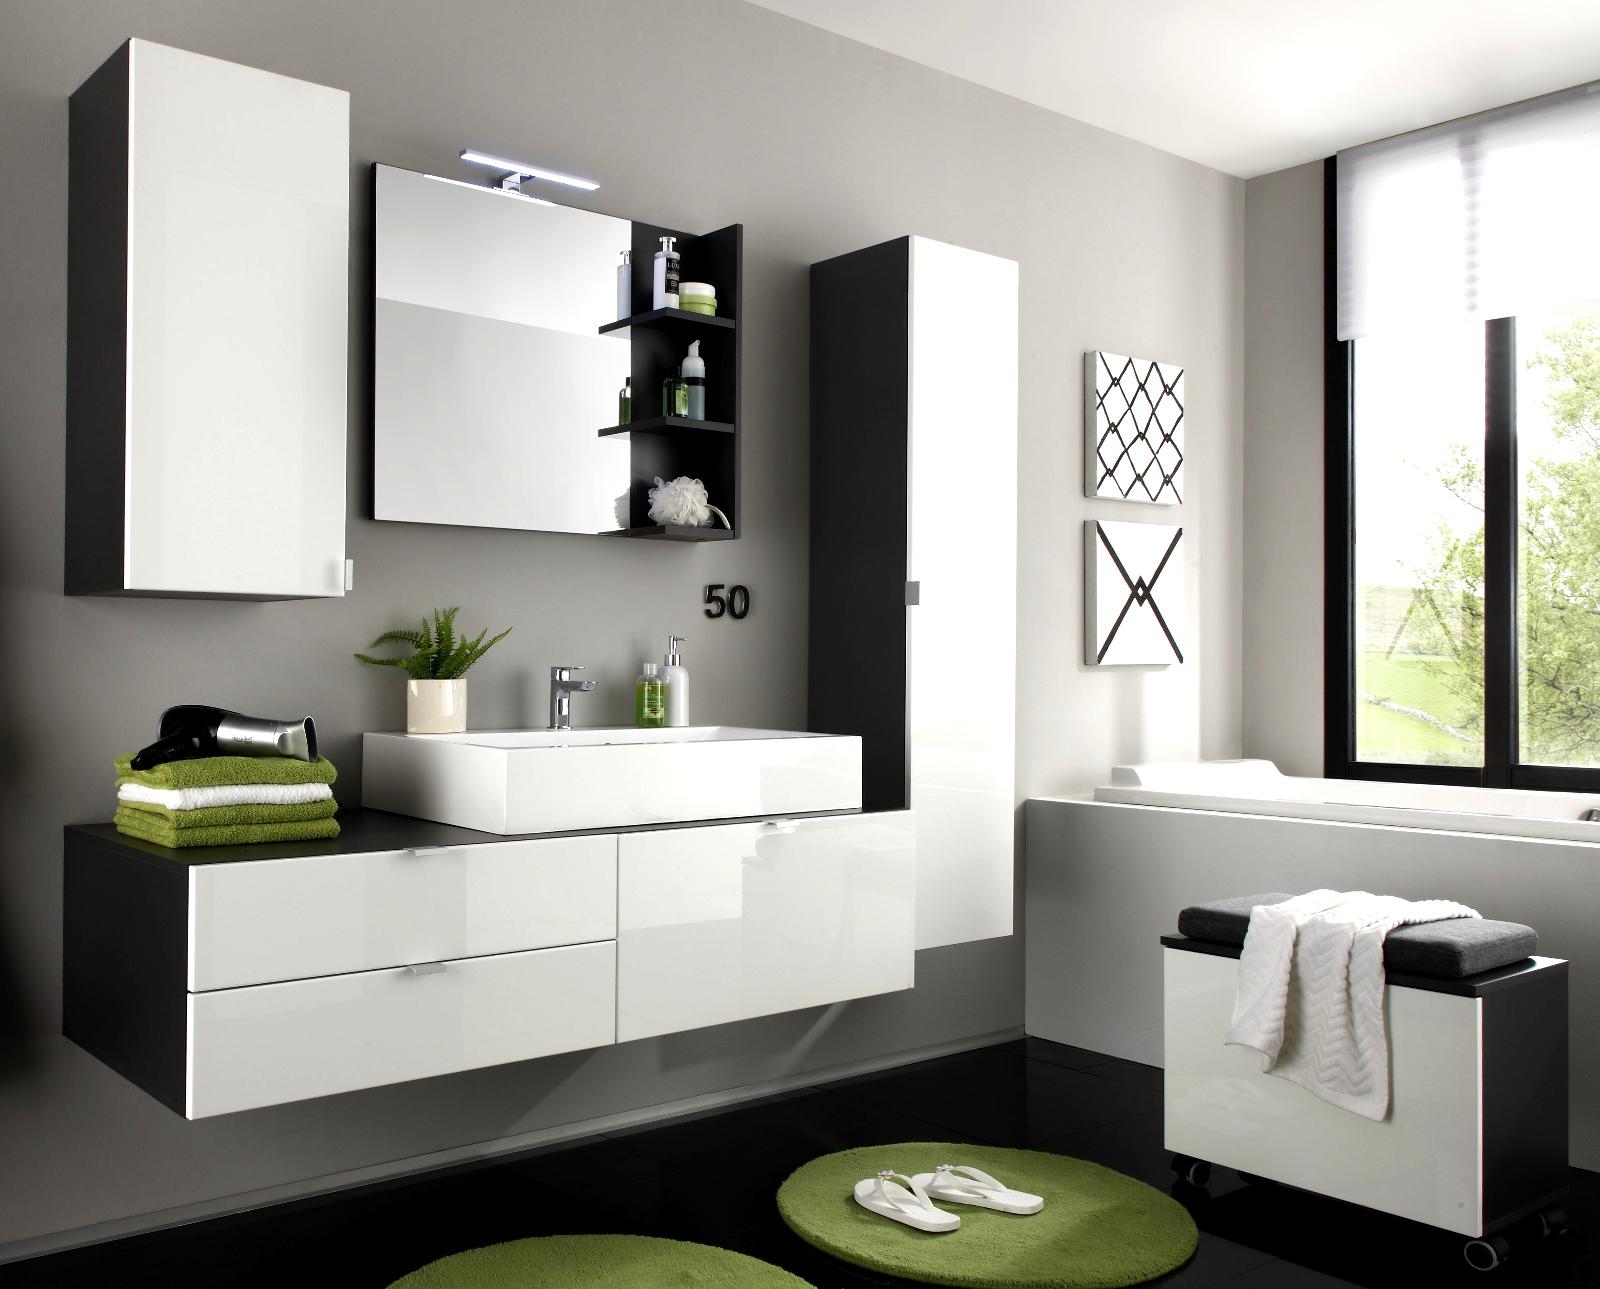 badmöbel beach weiß/grau günstig online kaufen, Badezimmer ideen